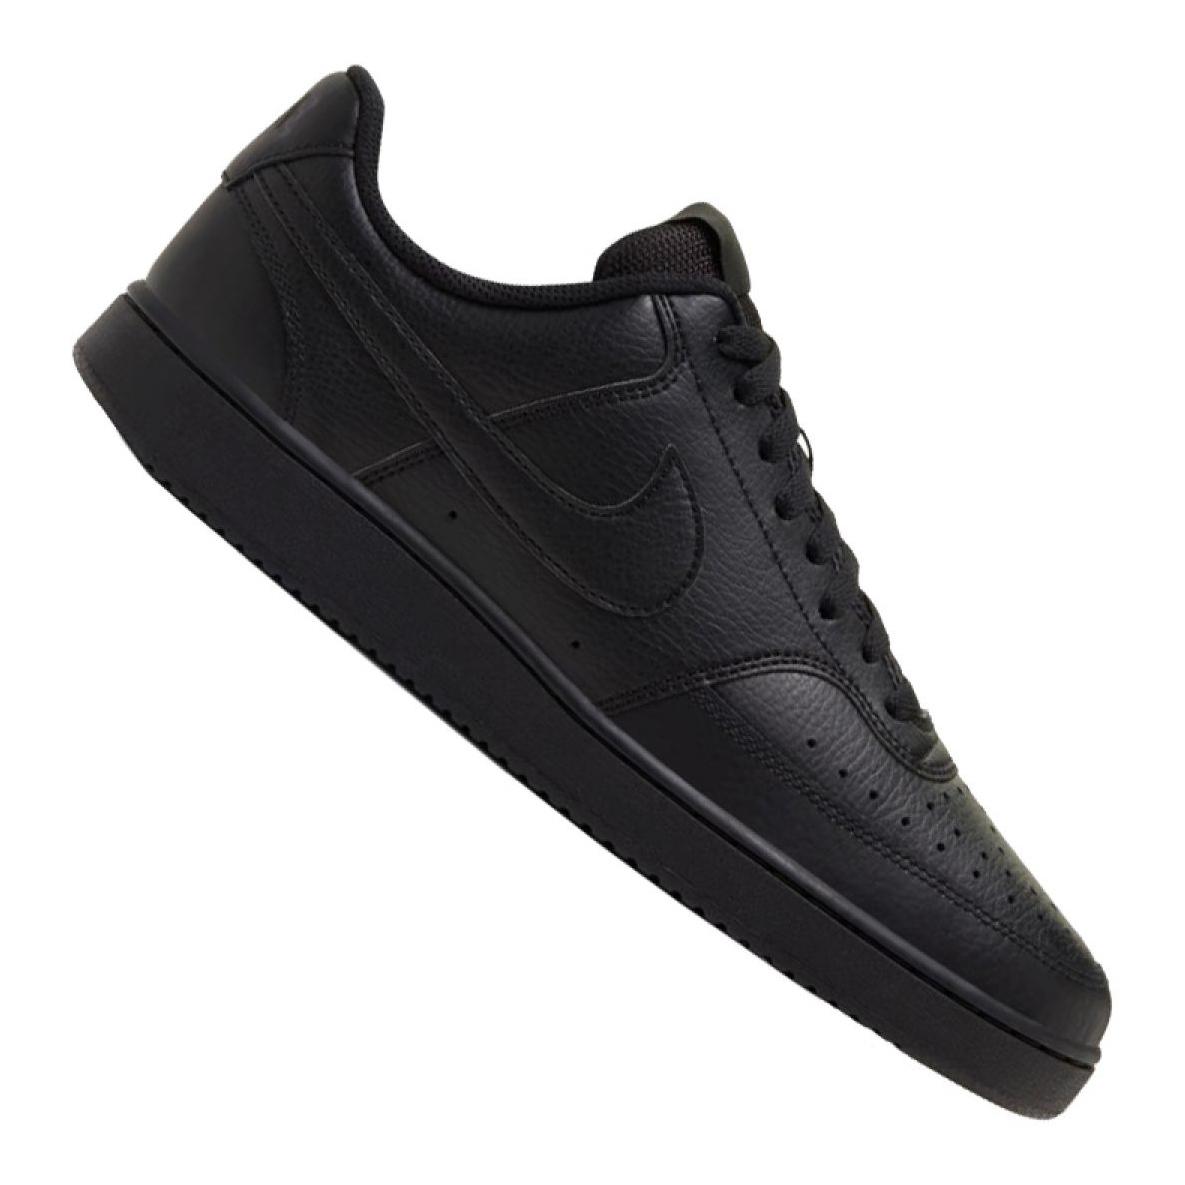 Nike Air Max Vision Black Black 918230 001   Comprar roupas